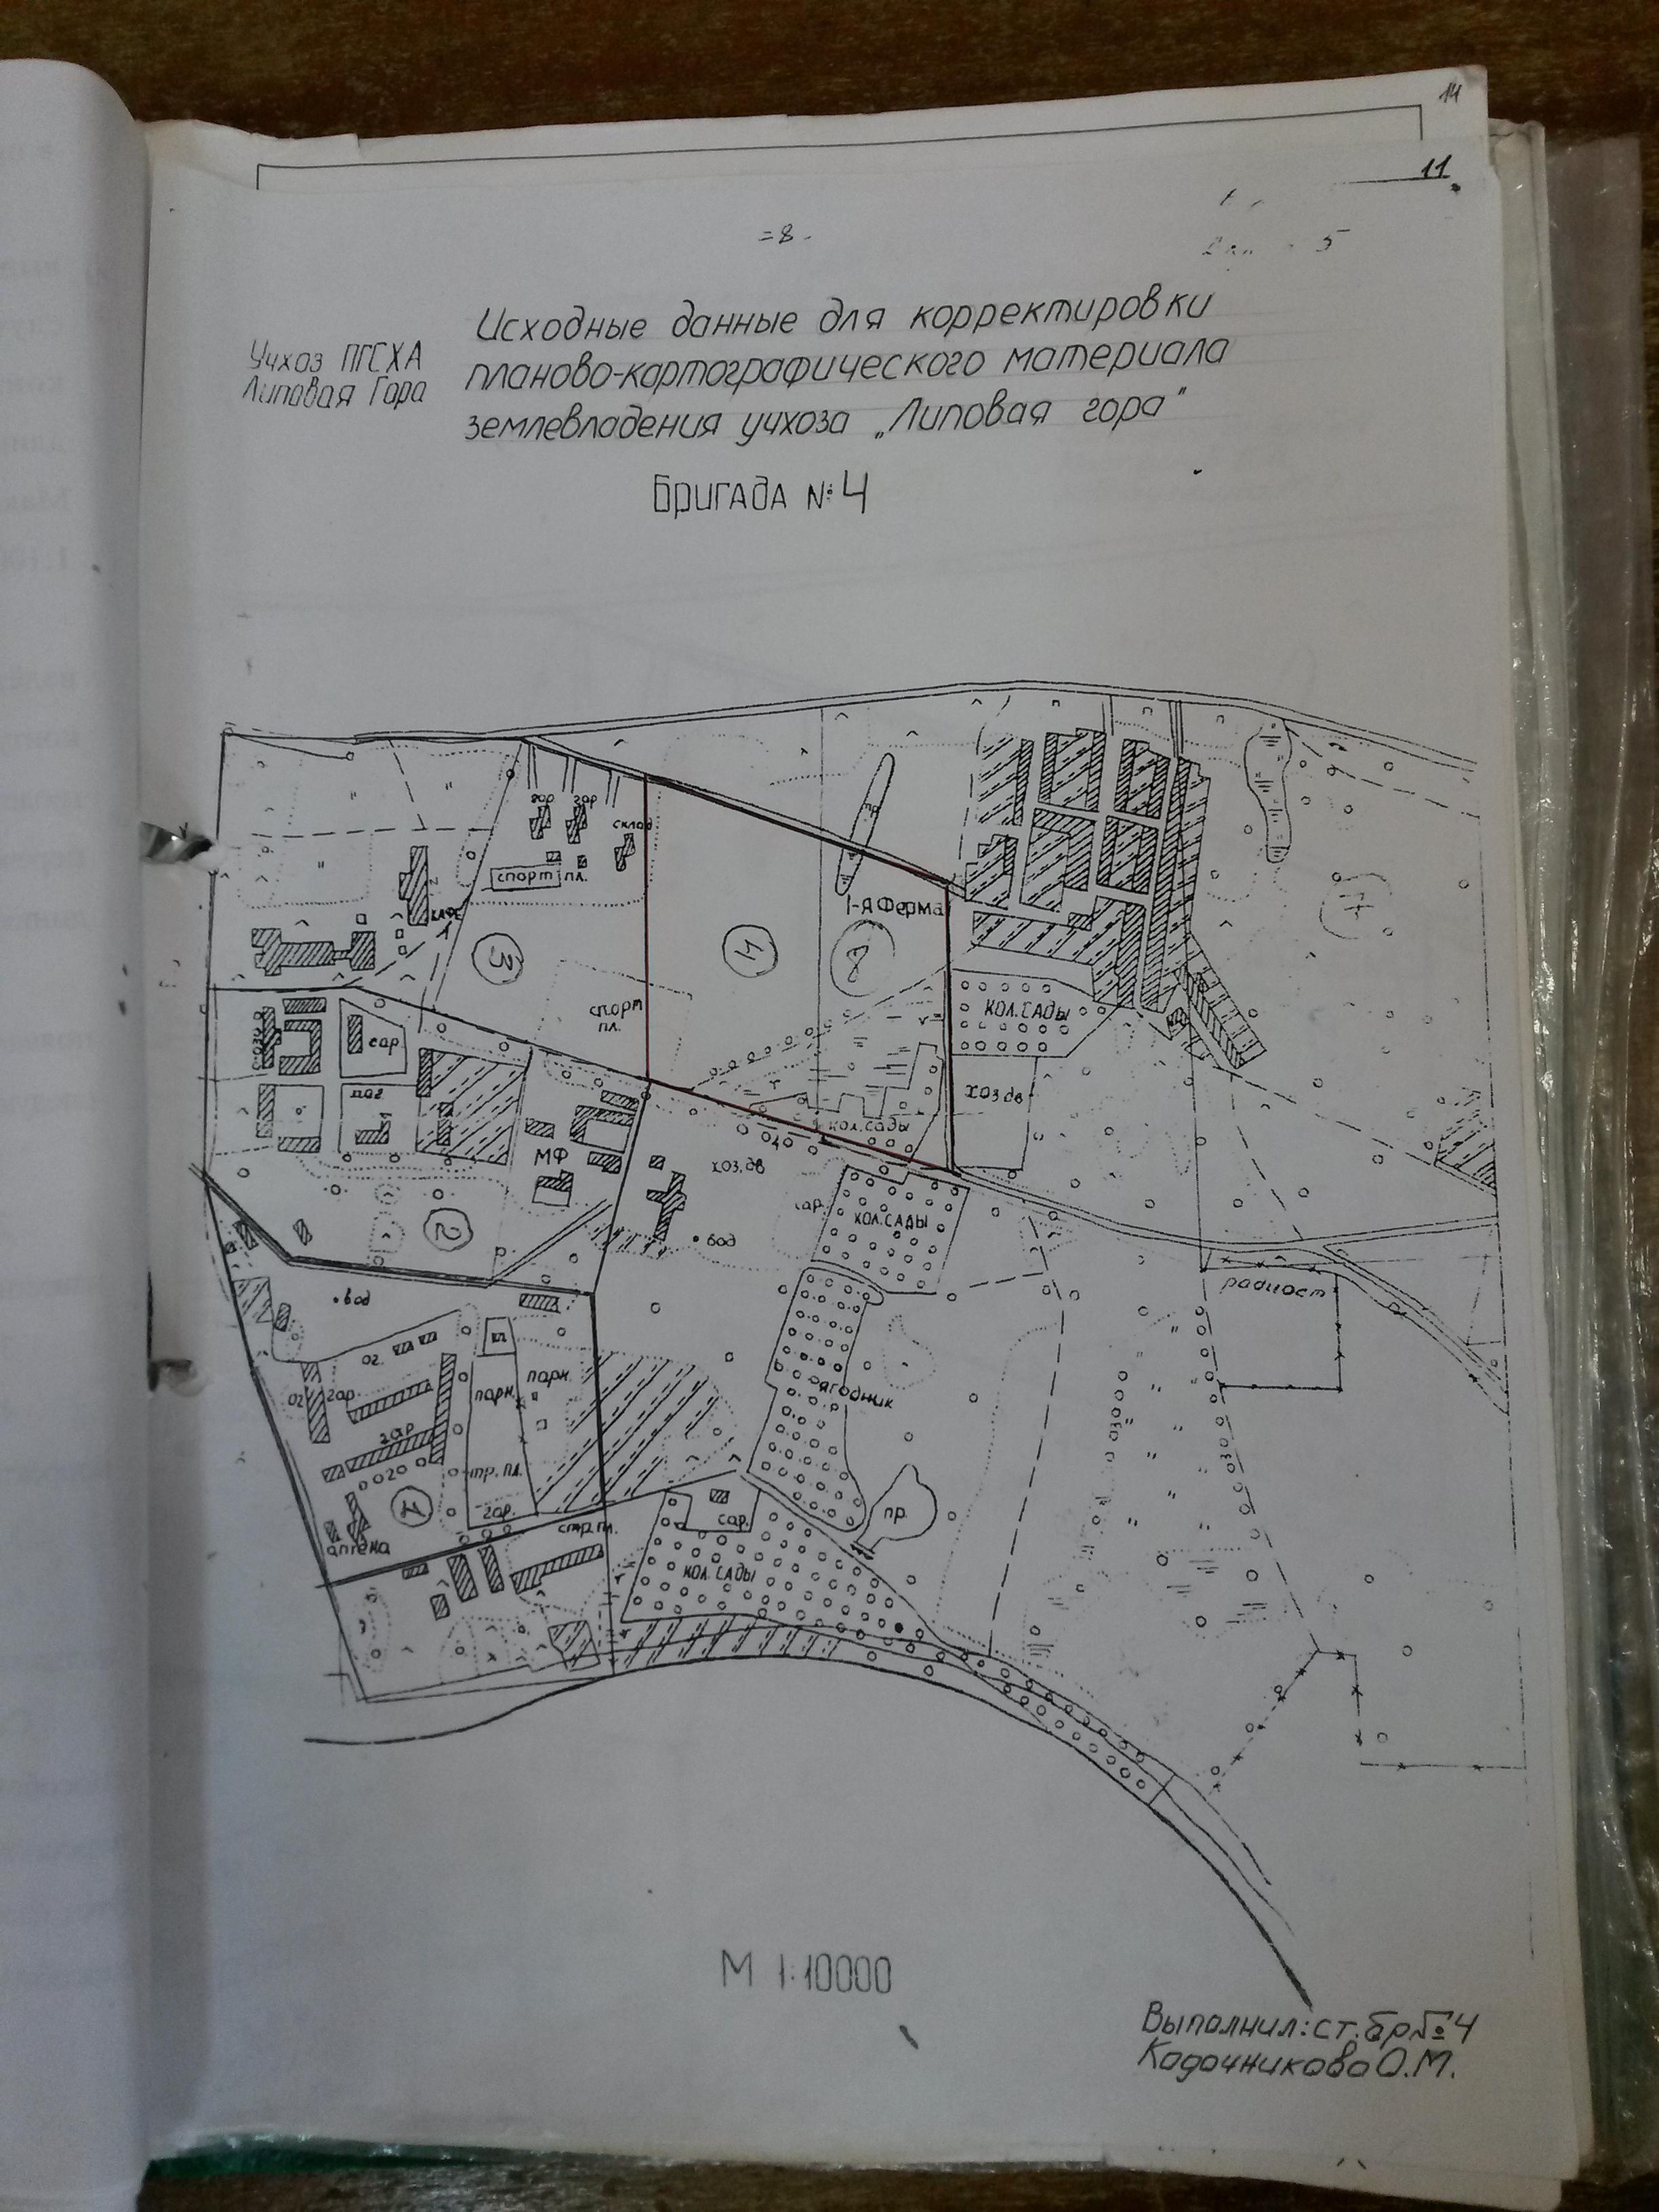 Материалы по корректировке планово картографического материала  1 2 Описание методов съемки изменившихся контуров объектов ситуации